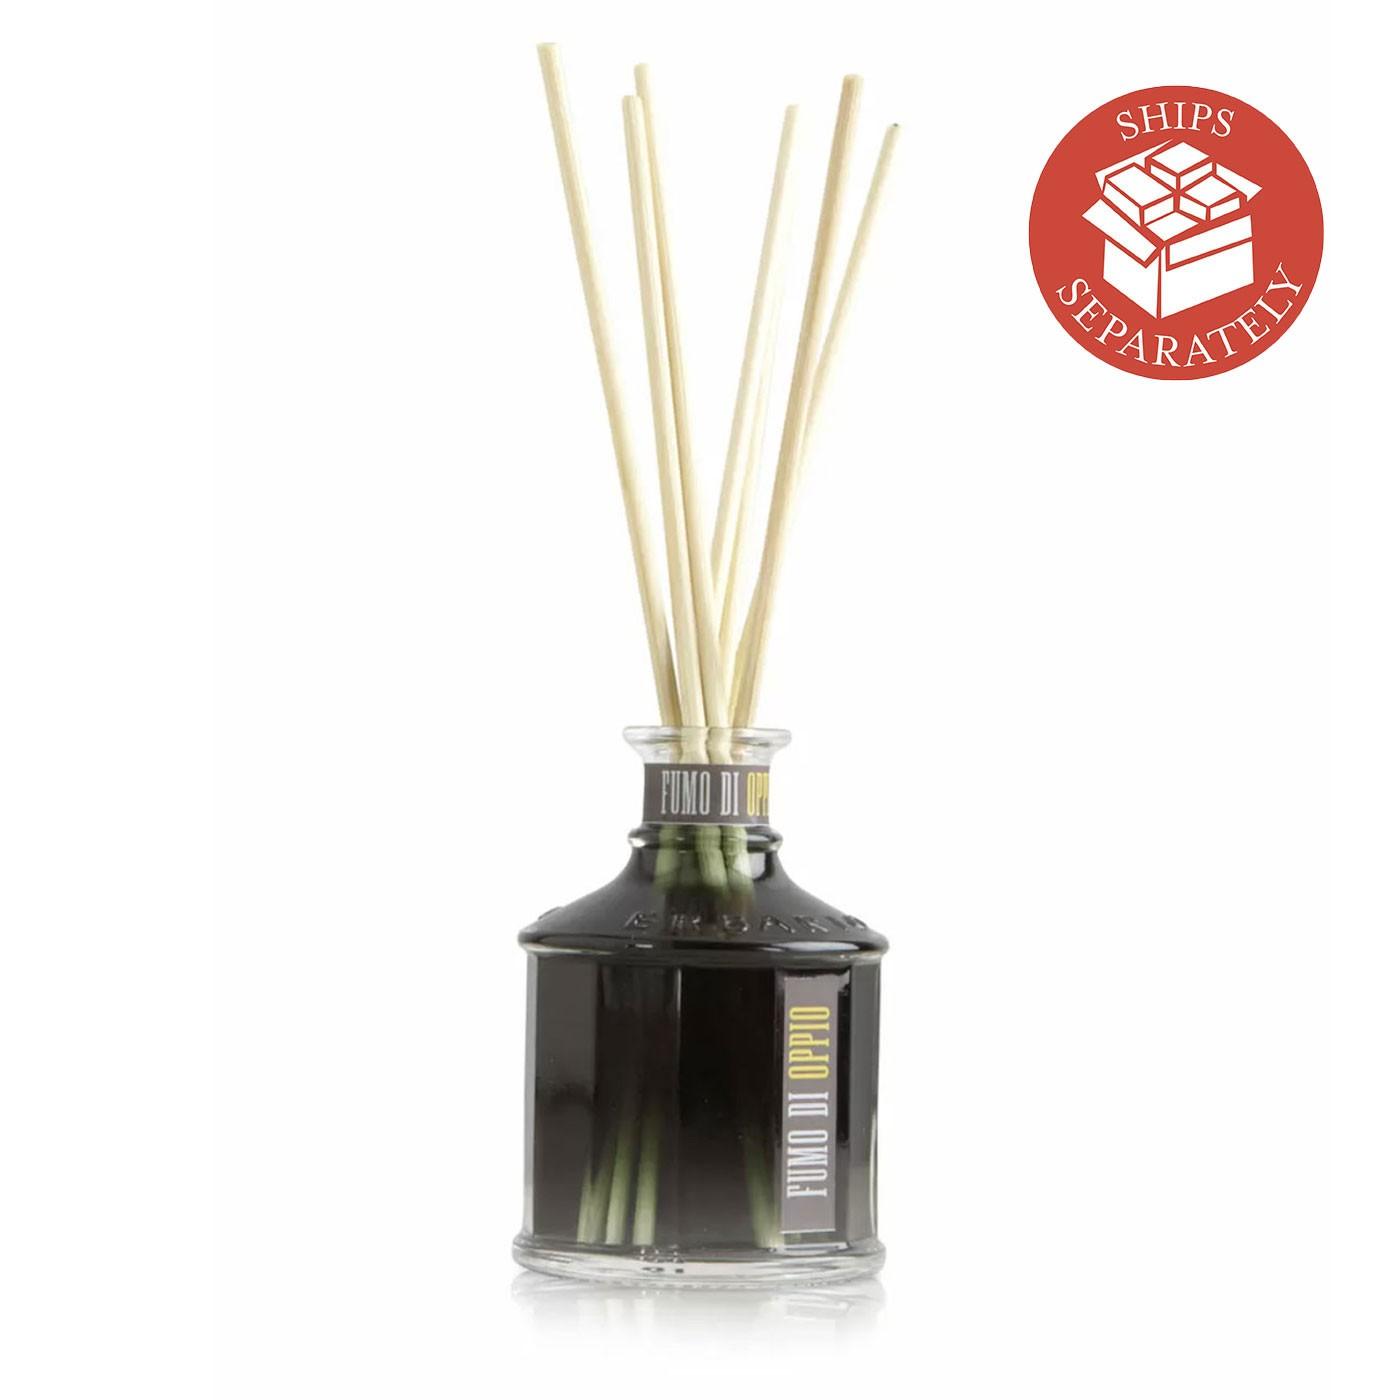 Fumo di Oppio Fragrance Diffuser 8.4 oz - Erbario Toscano   Eataly.com